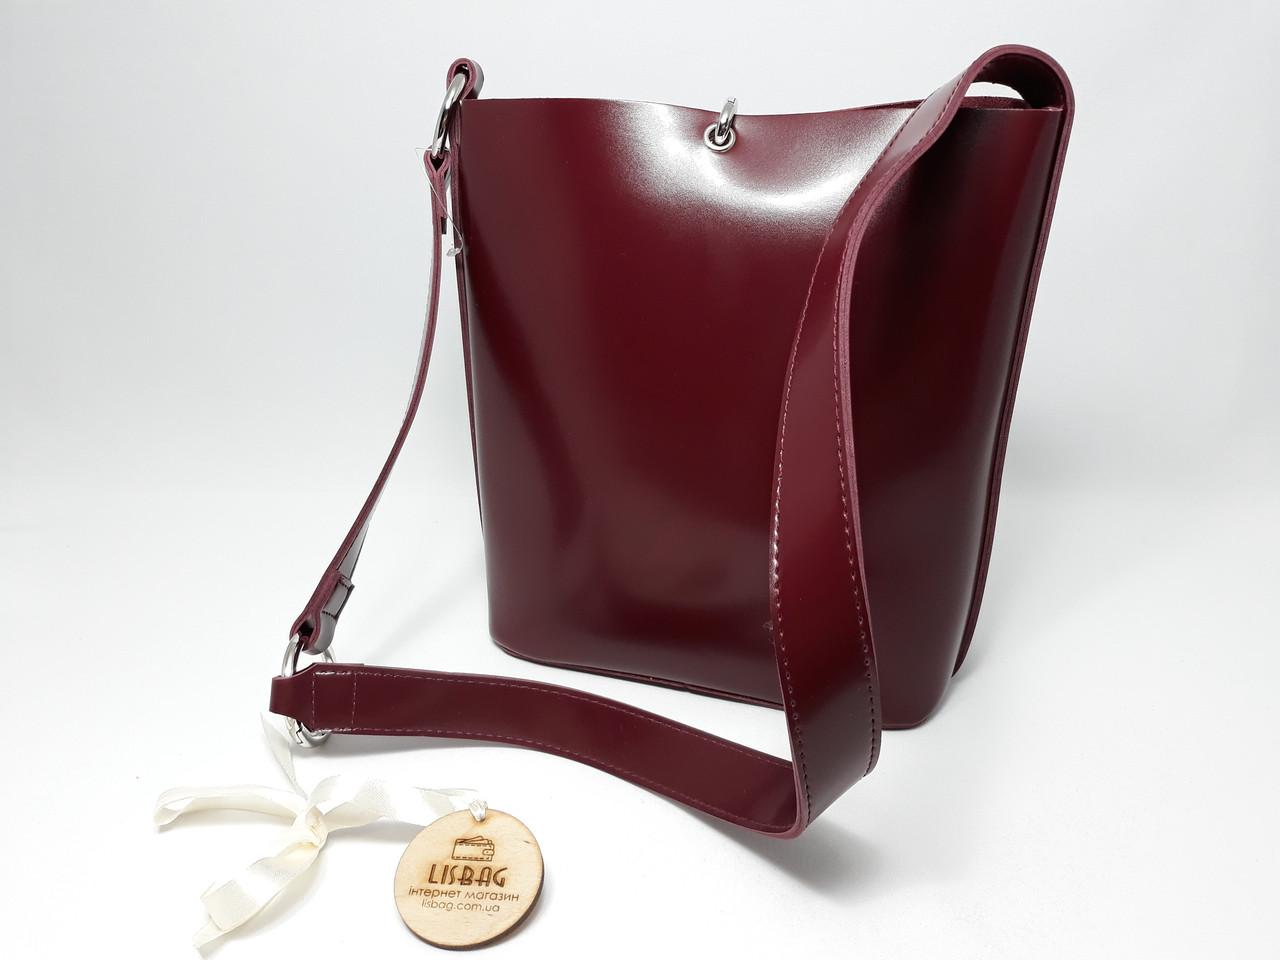 bd51f49ce963 Бордовая Женская вместительная сумка мешок на плечо новинка, гладкая на  ощупь , цена 501 грн., купить в Умани — Prom.ua (ID#663833442)